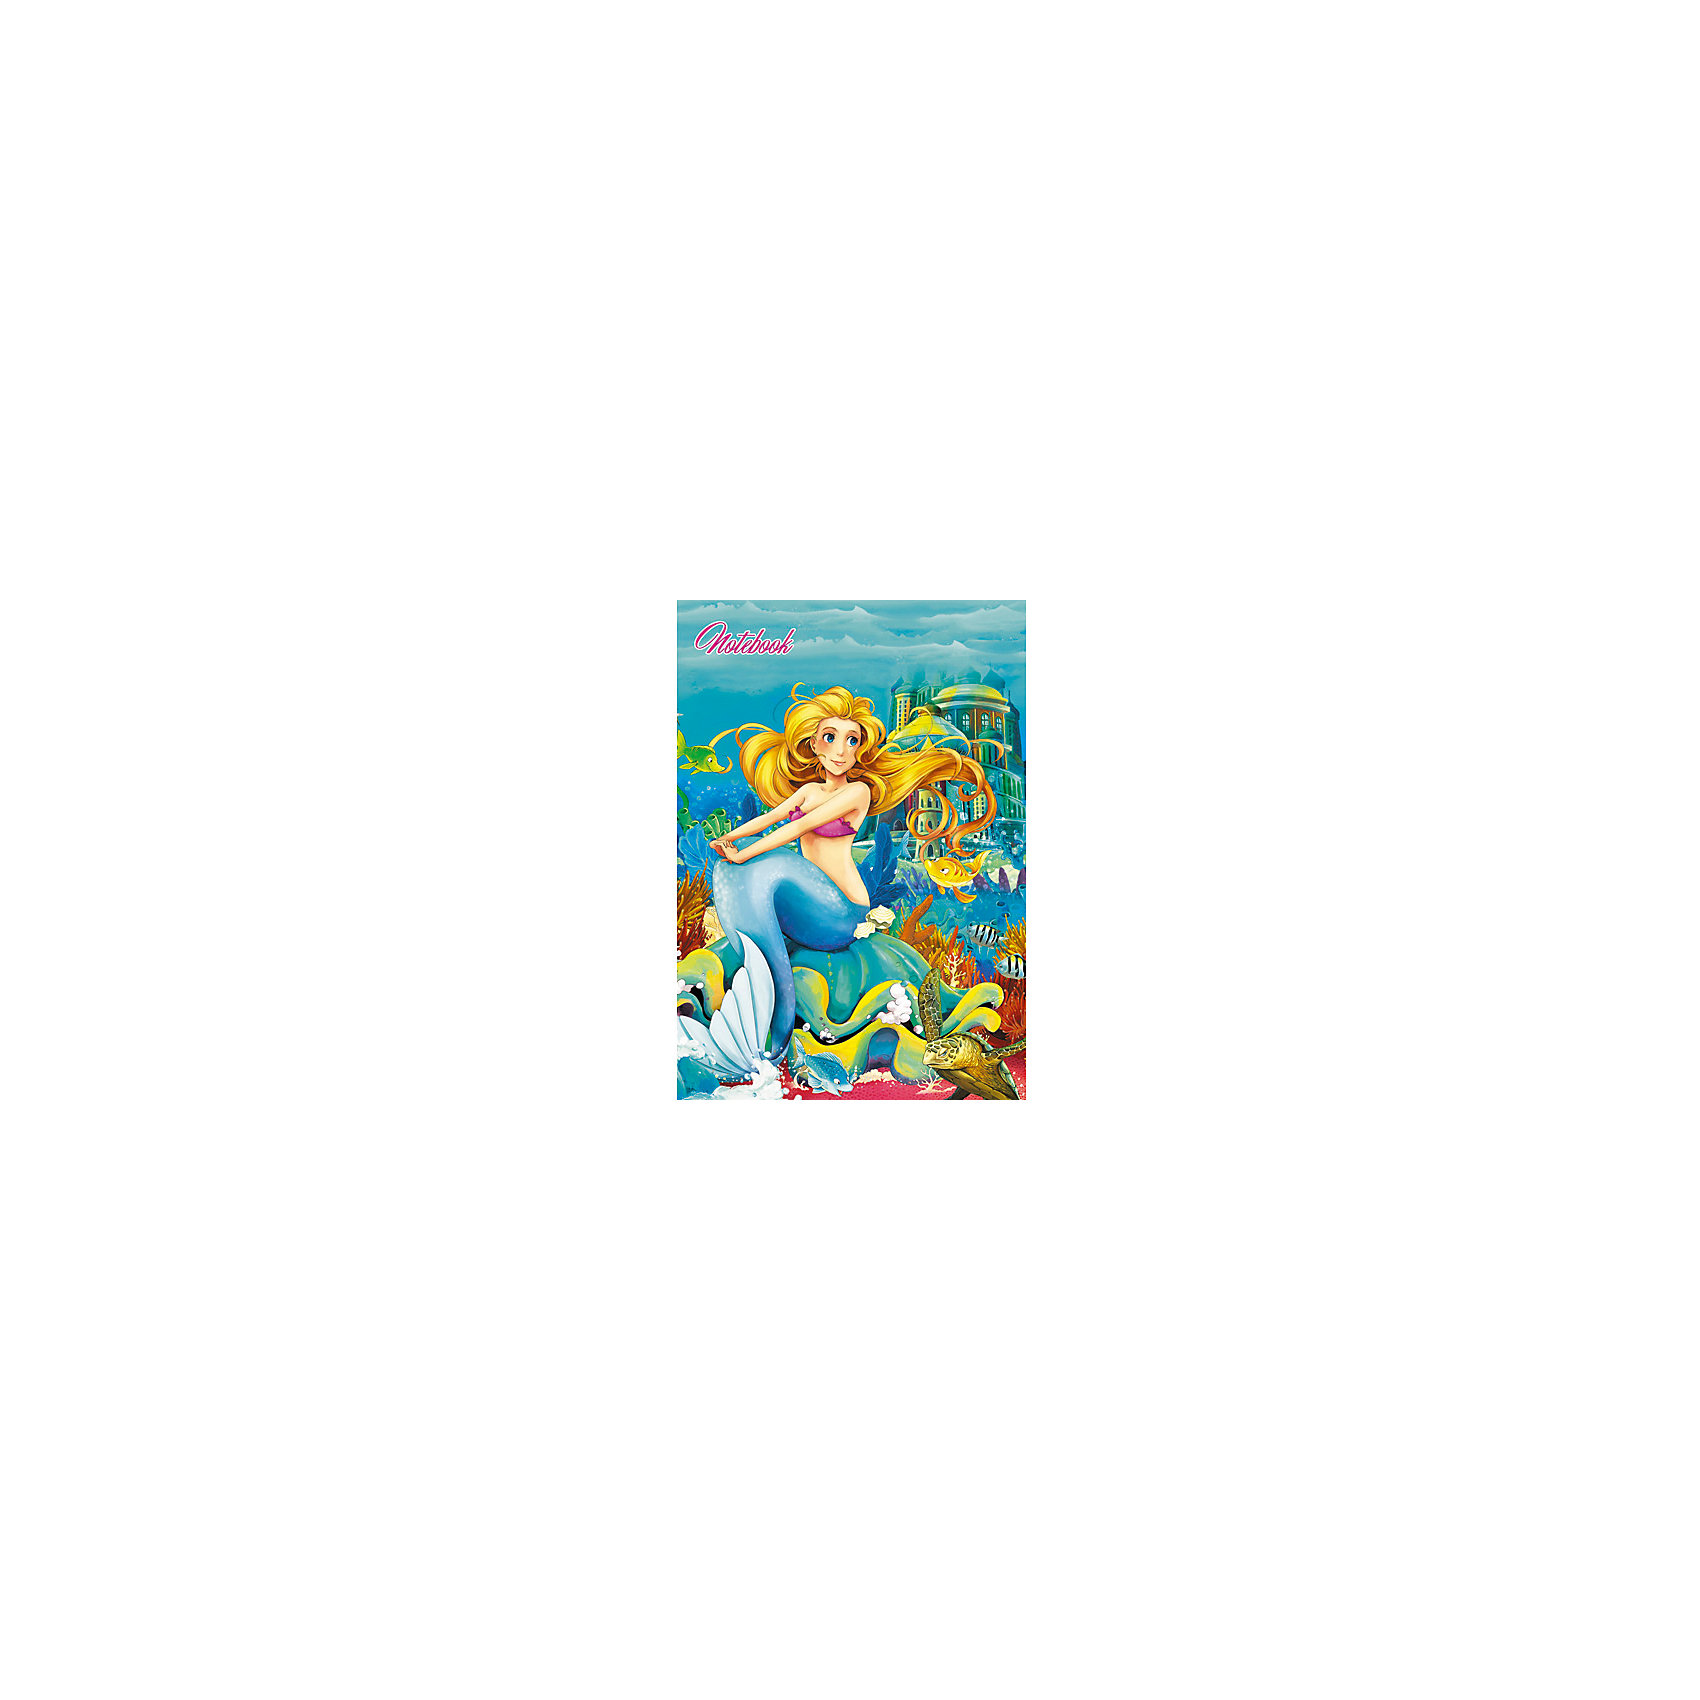 Эксмо Книги для записей А6 Сказочная русалка, 80л дикуль в книга для записей с практическими упражнениями для здорового позвоночника